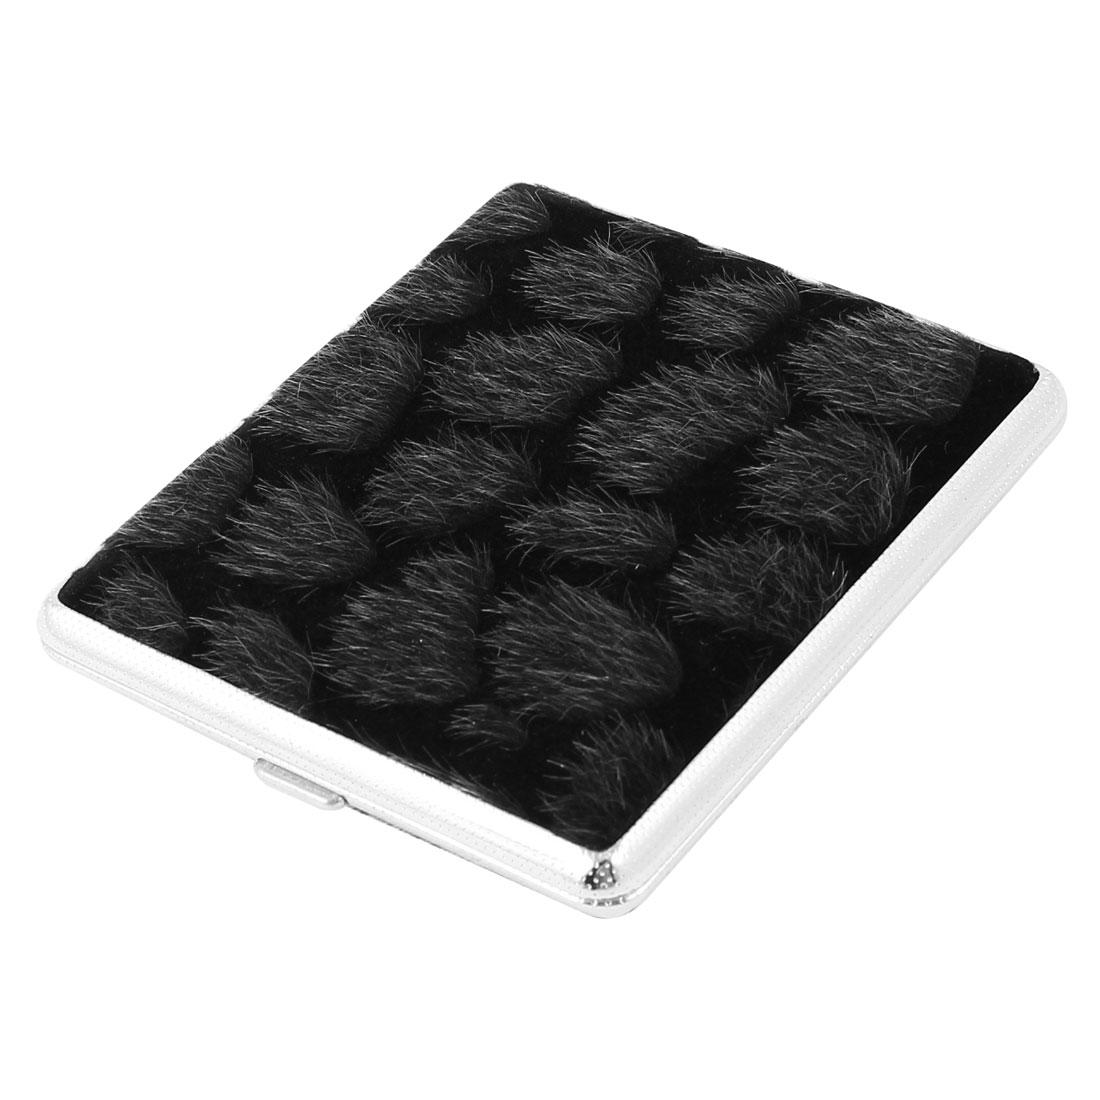 Black Aluminum Rectangular 10cm x 8cm x 1.8cm Full Pack 18 Pieces Cigarette Case Holder